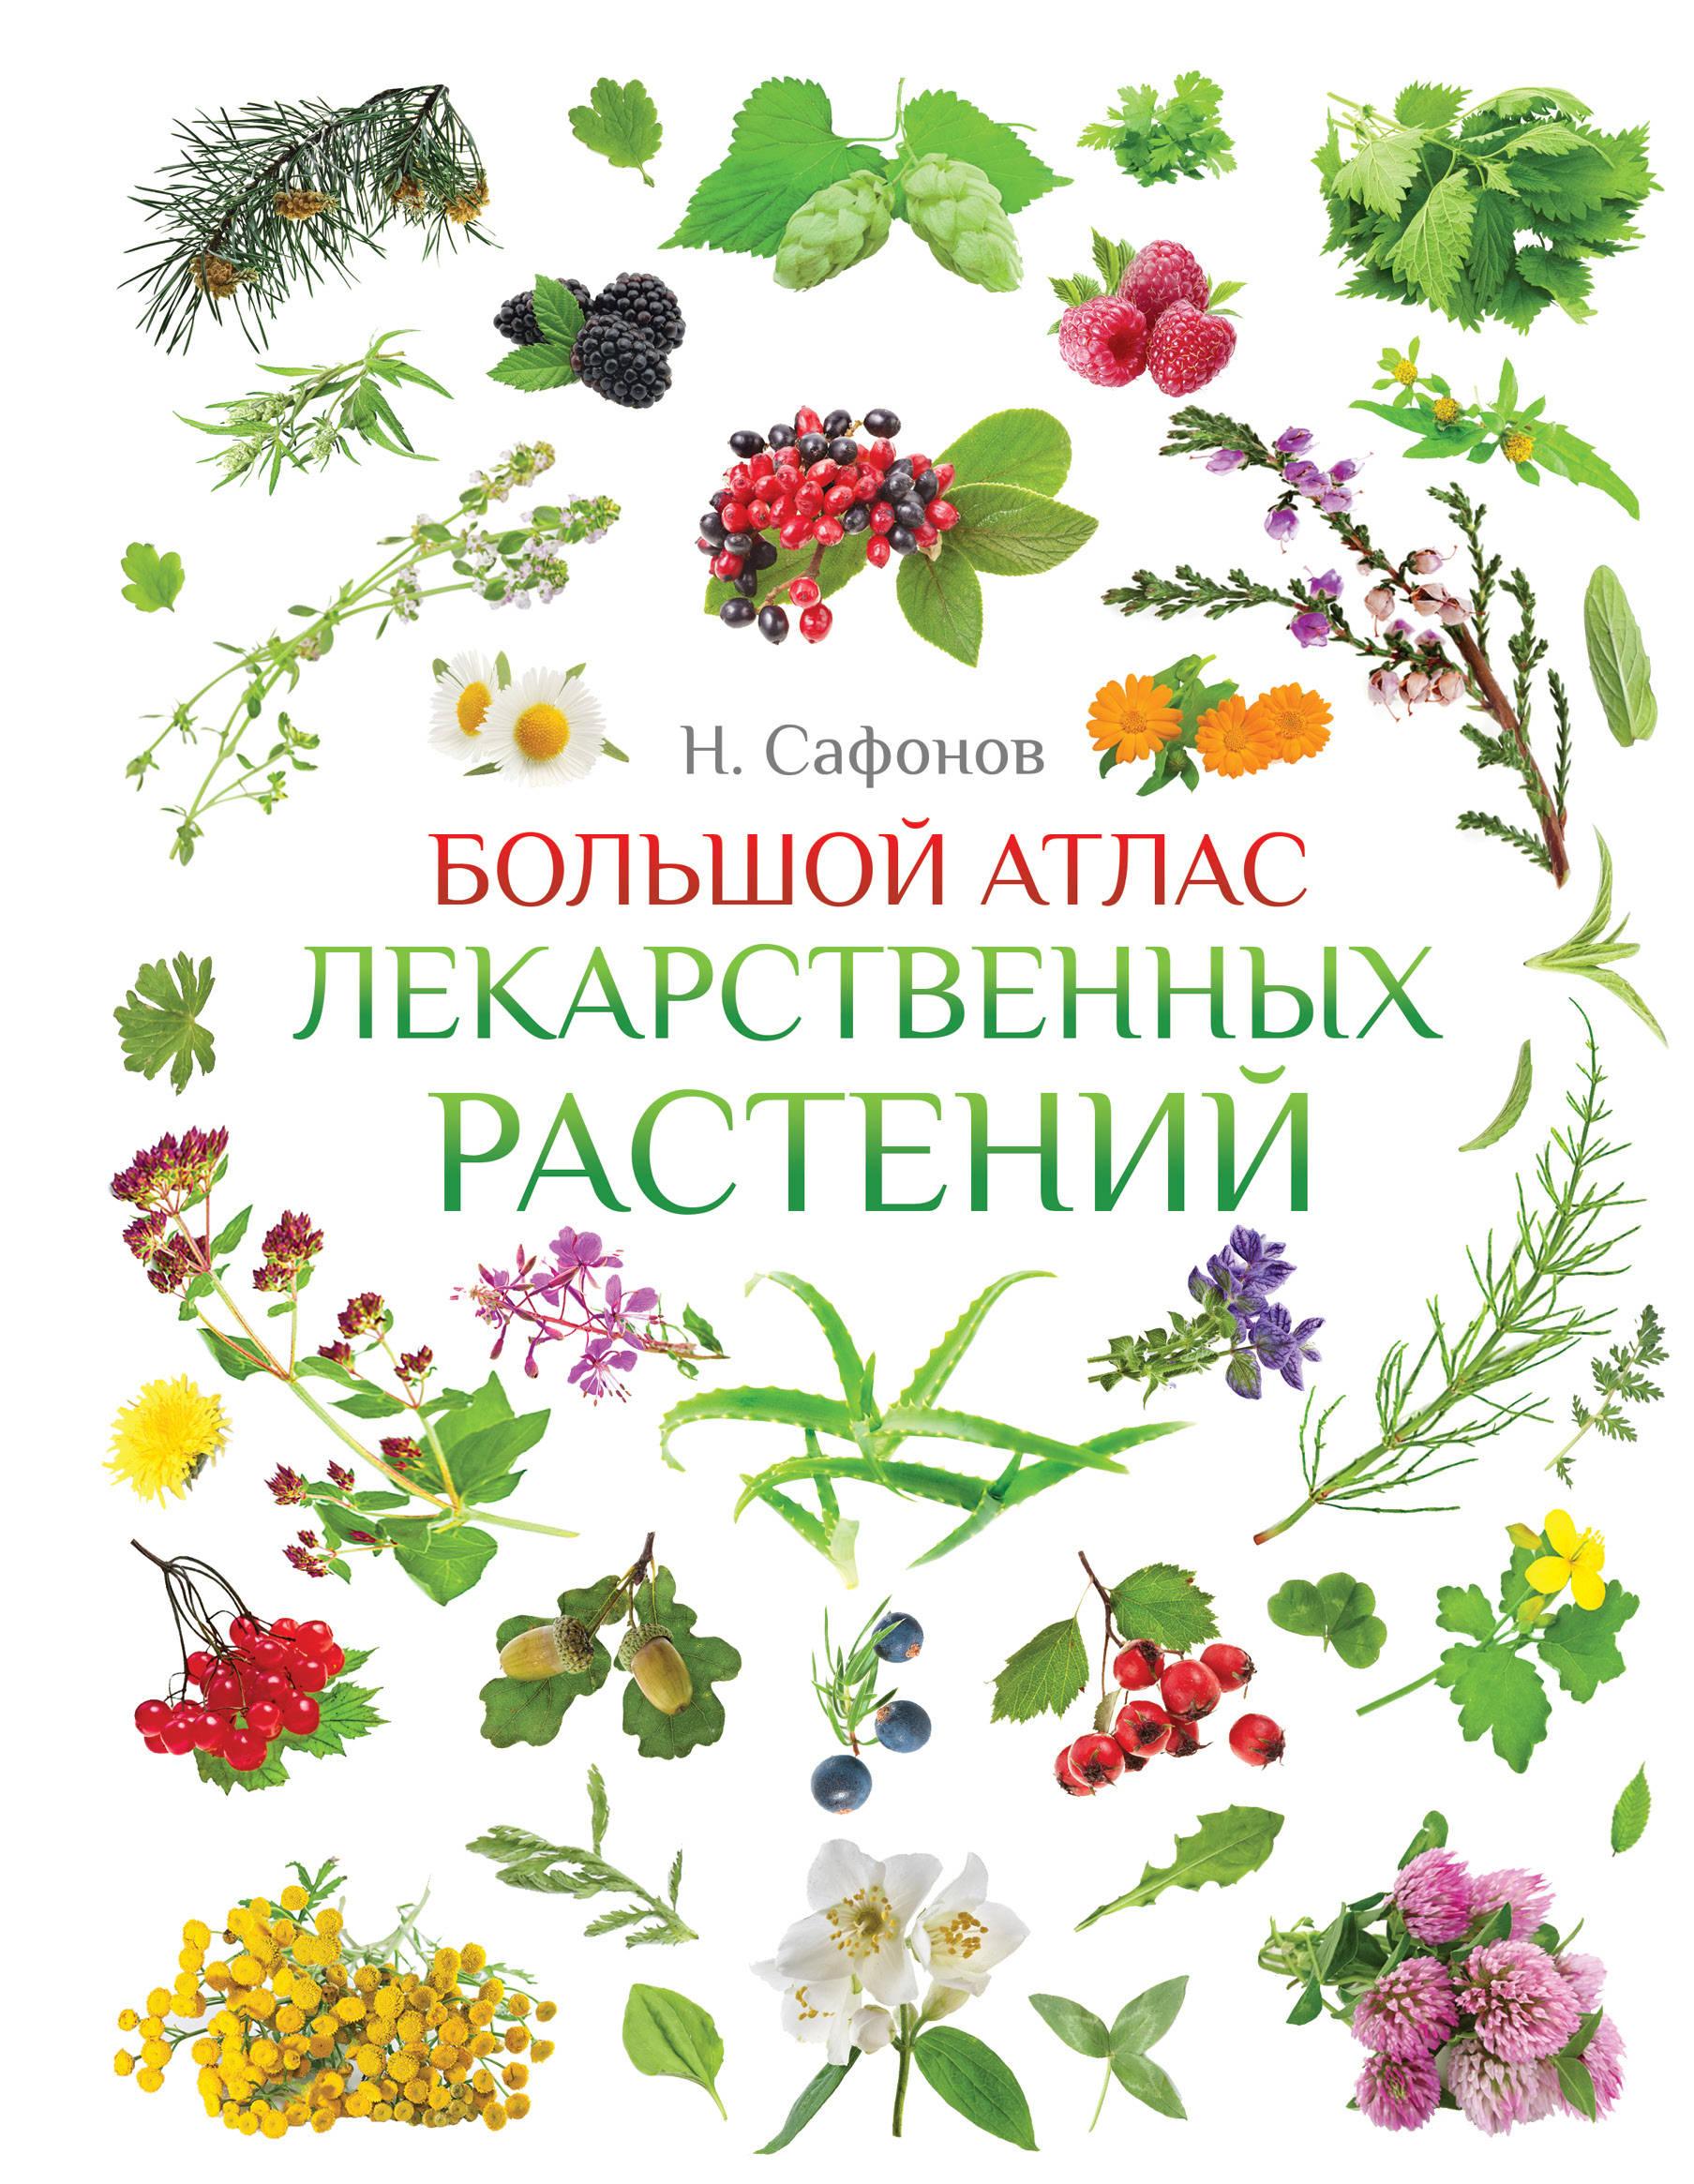 Большой атлас лекарственных растений. Н. Сафонов